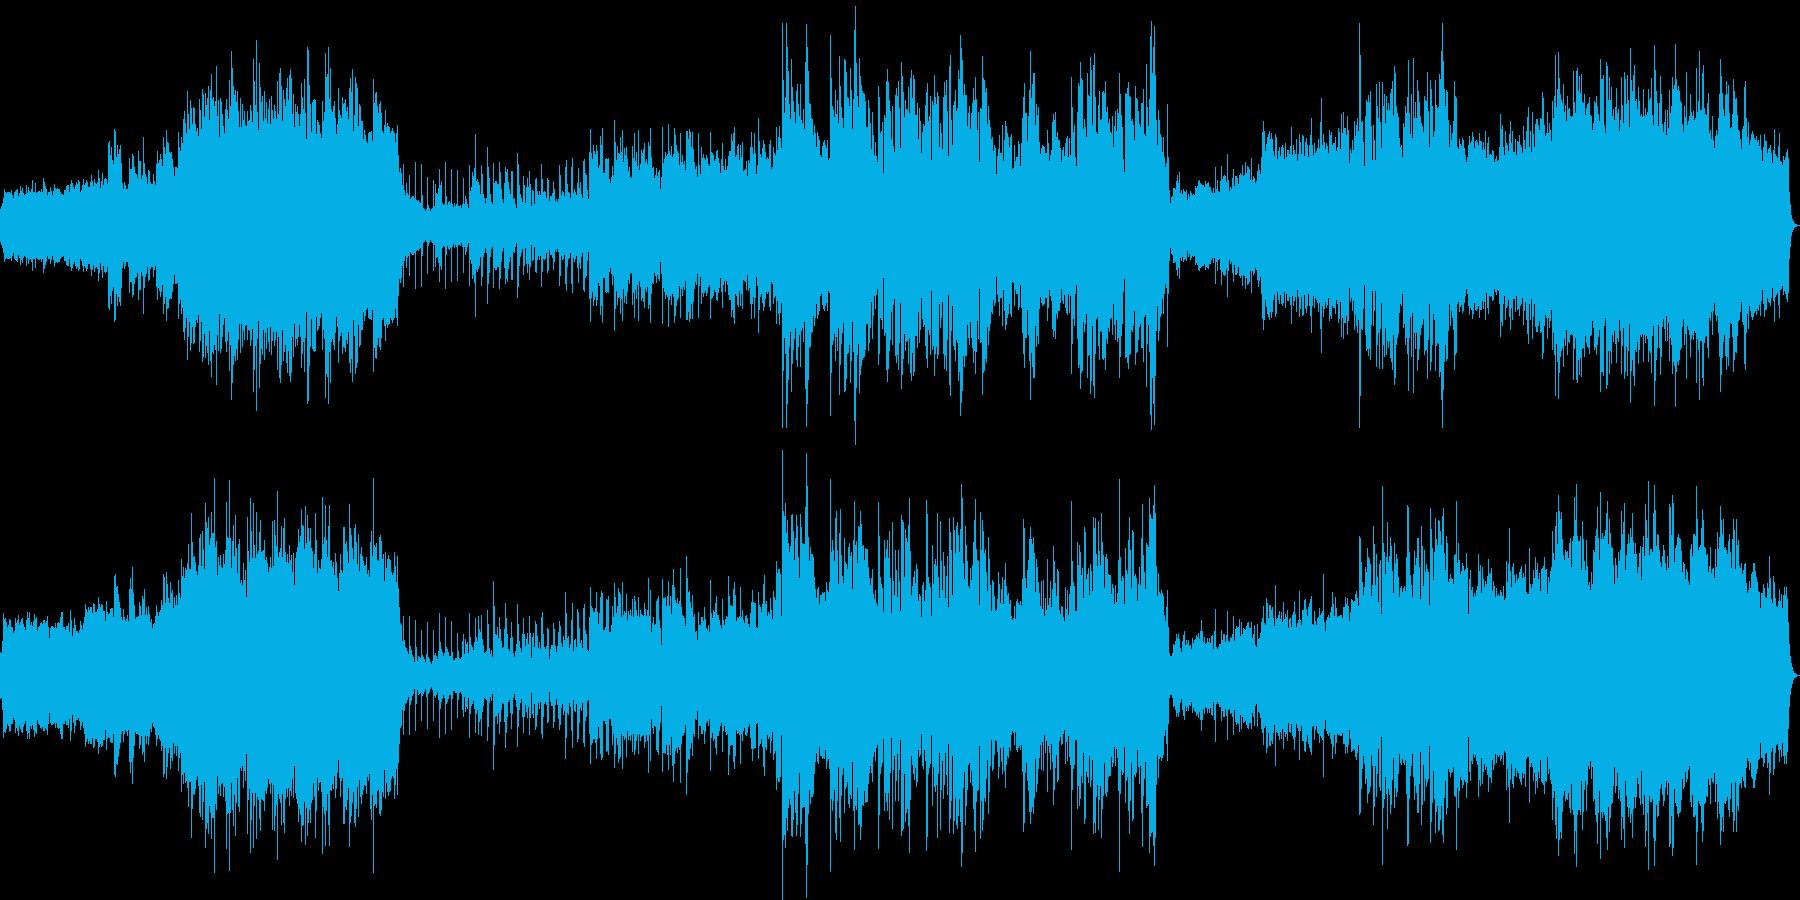 オルガンの教会音楽からのバラードの再生済みの波形